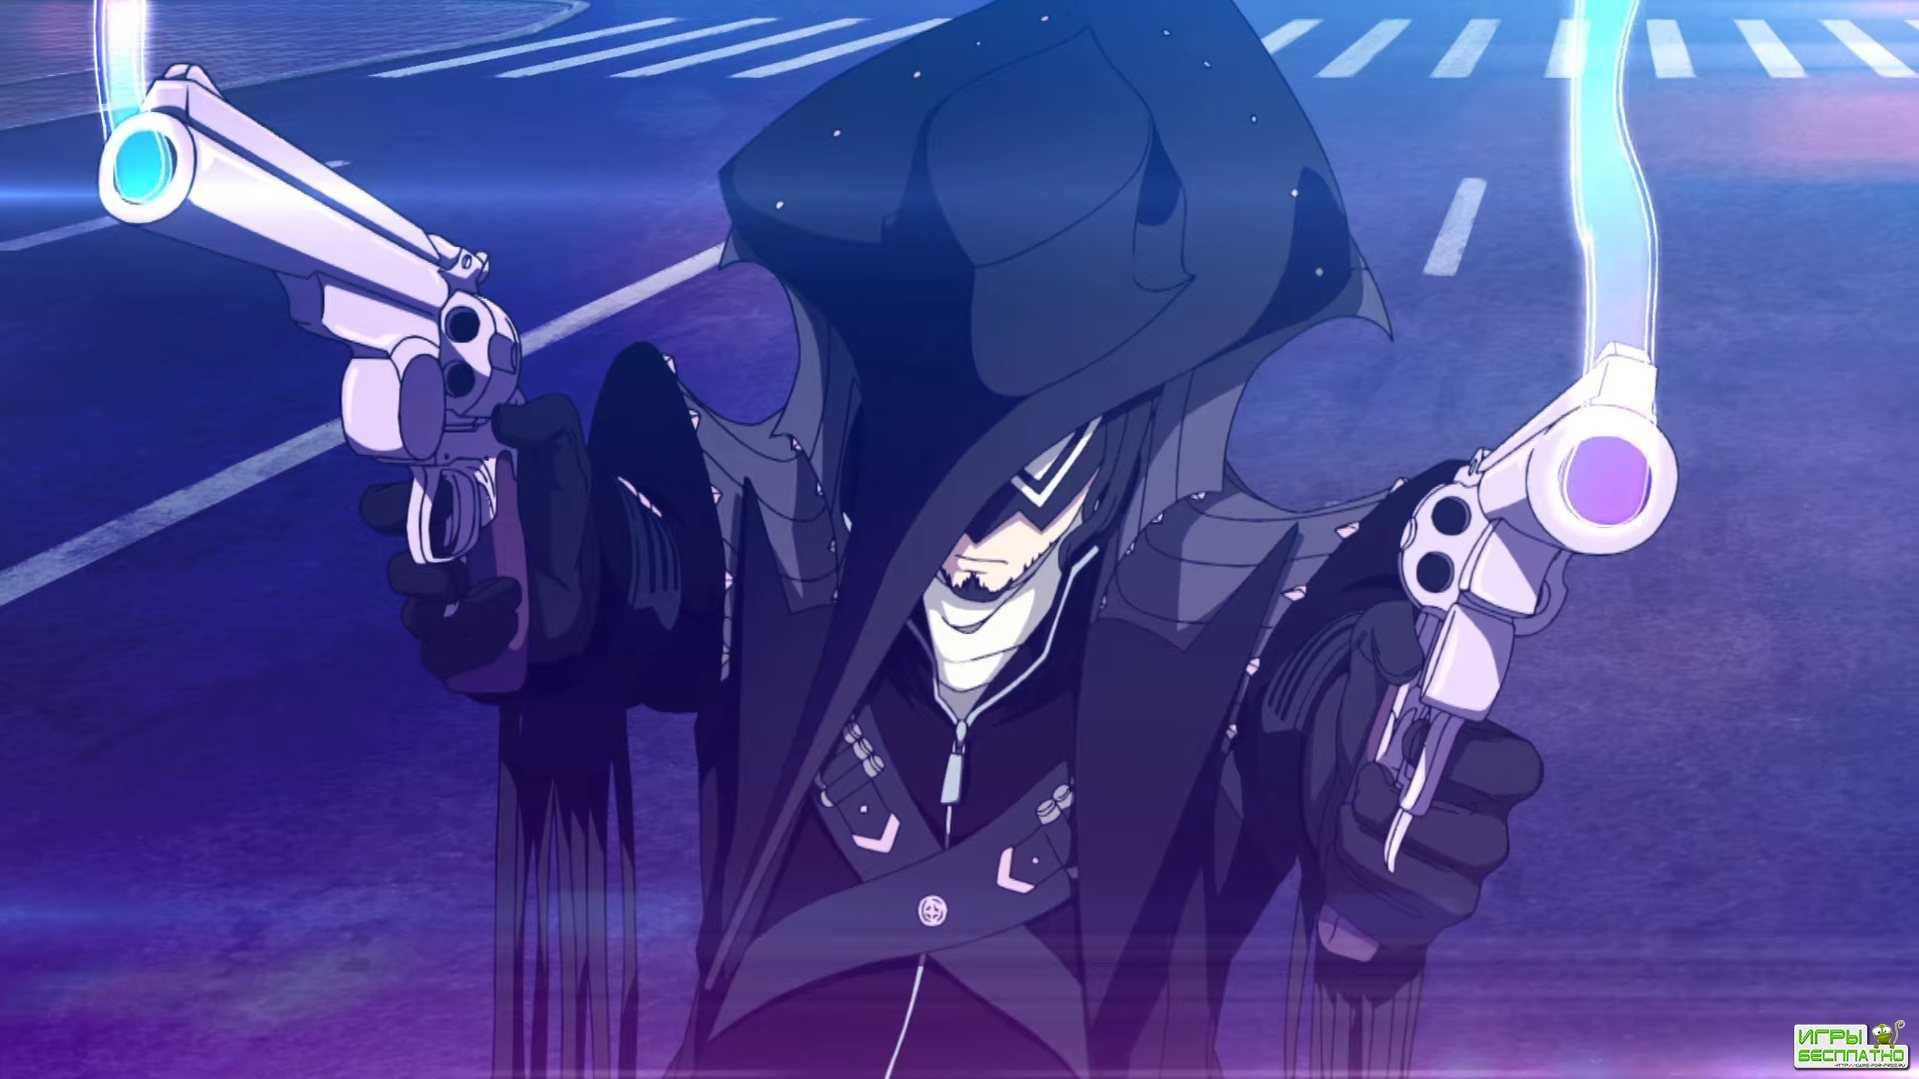 Во вступительном ролике Persona 5 Scramble показан новый персонаж